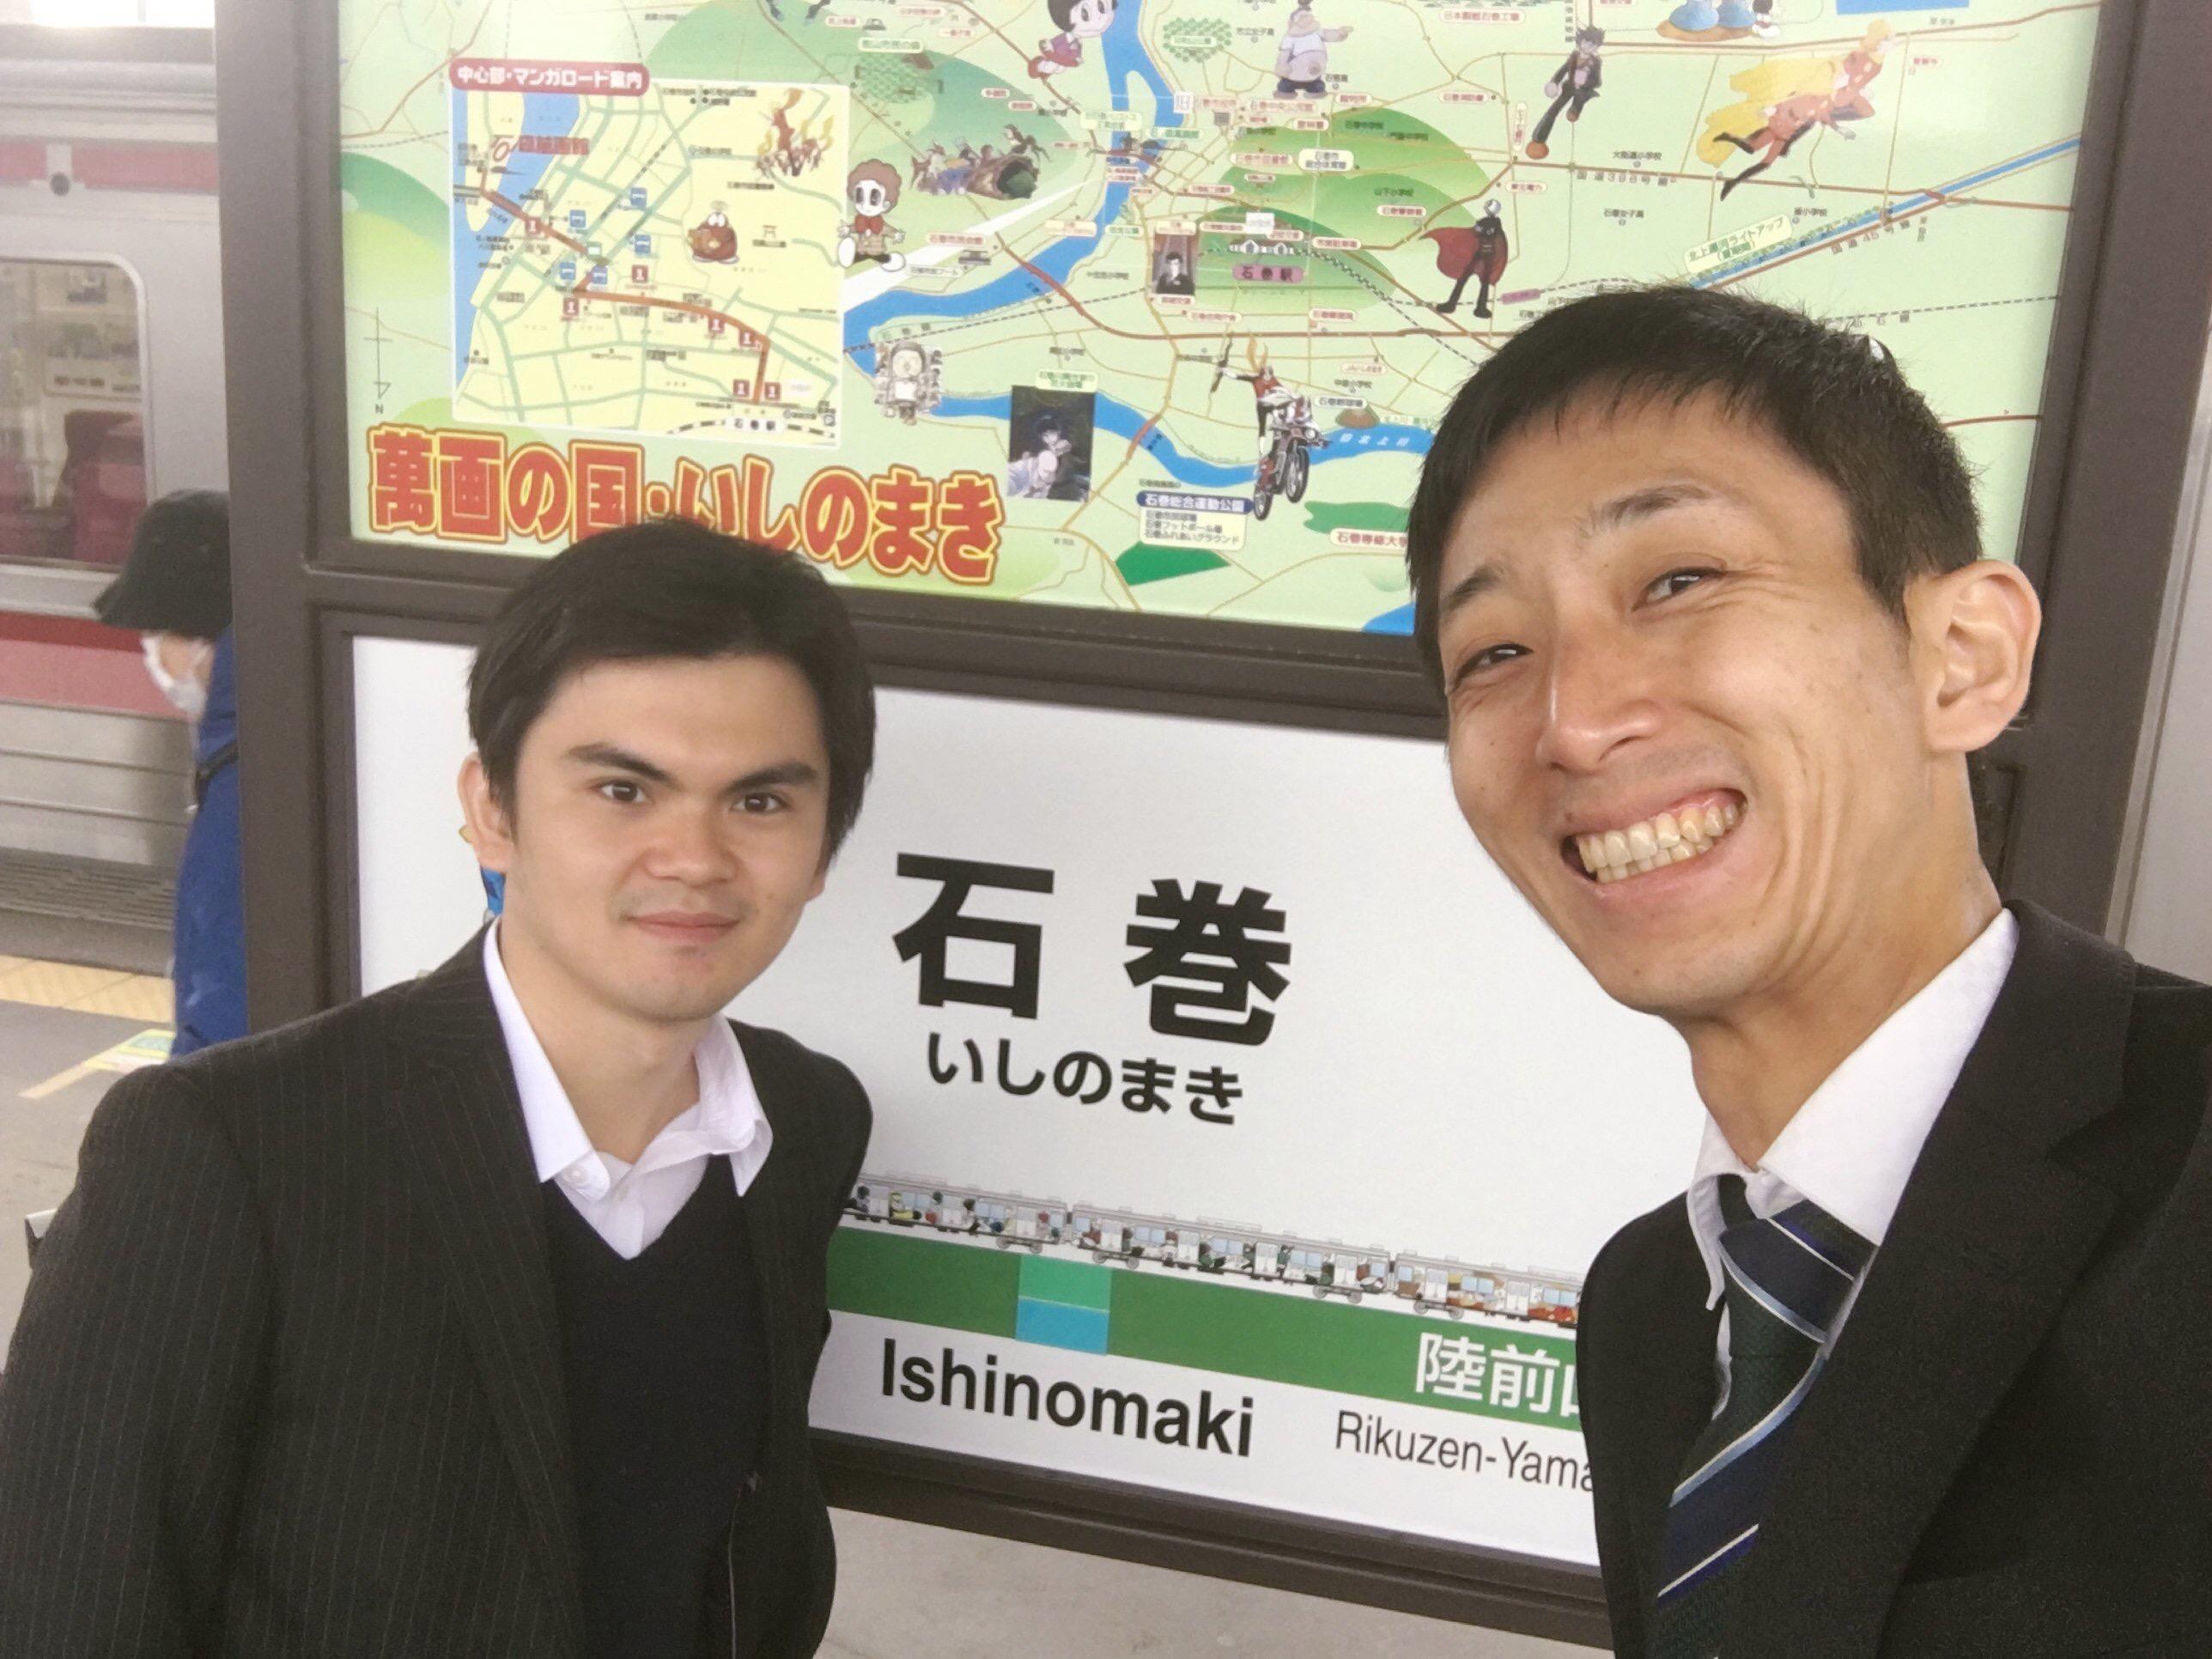 2018年5月10日 宮城県石巻市の東日本フーズ社を訪問